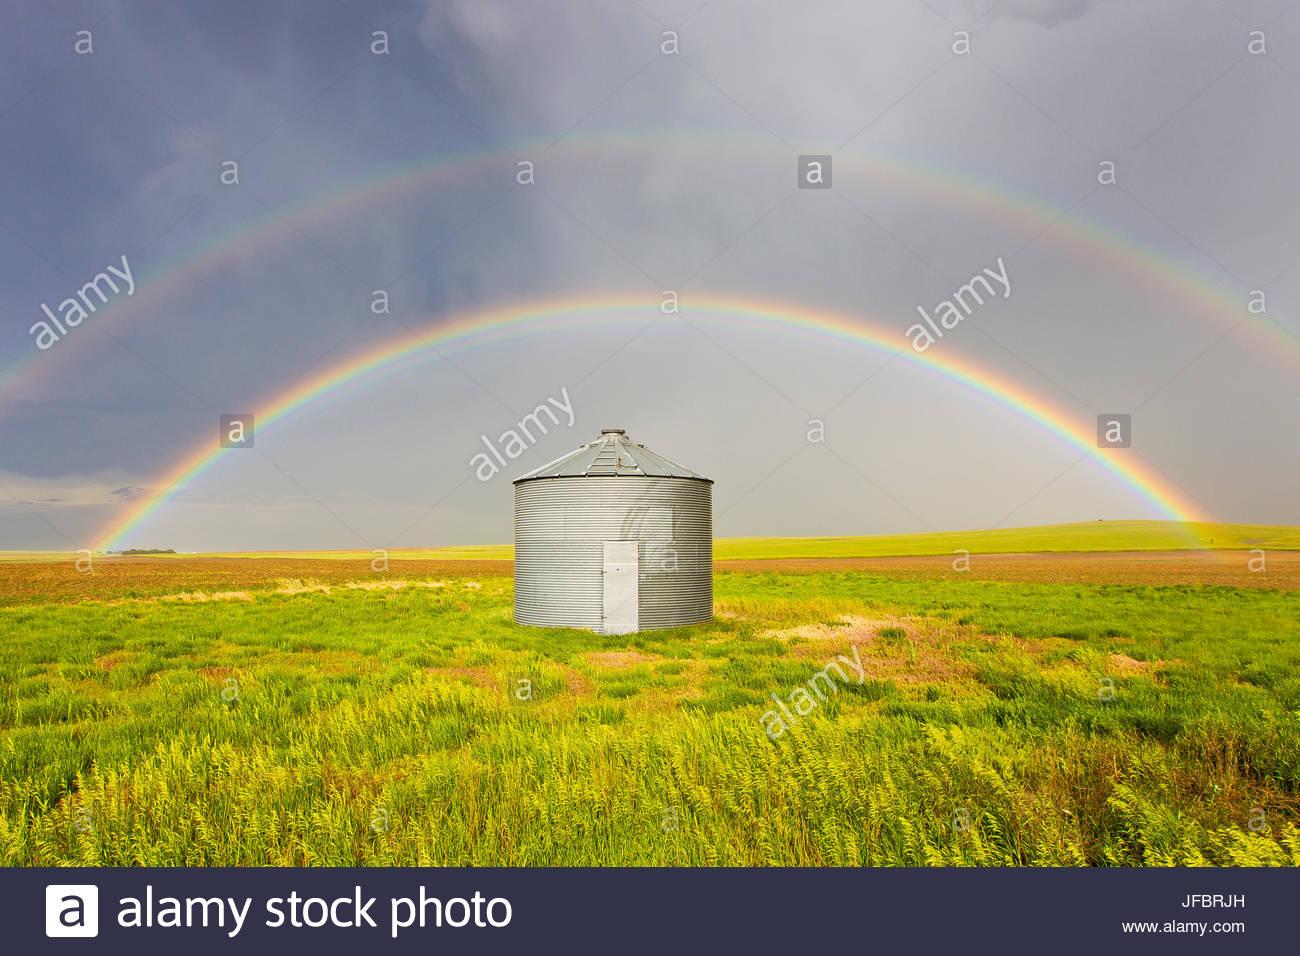 Un double arc-en-ciel est parfaitement centrée sur un silo à grains et champ de blé vert après Photo Stock